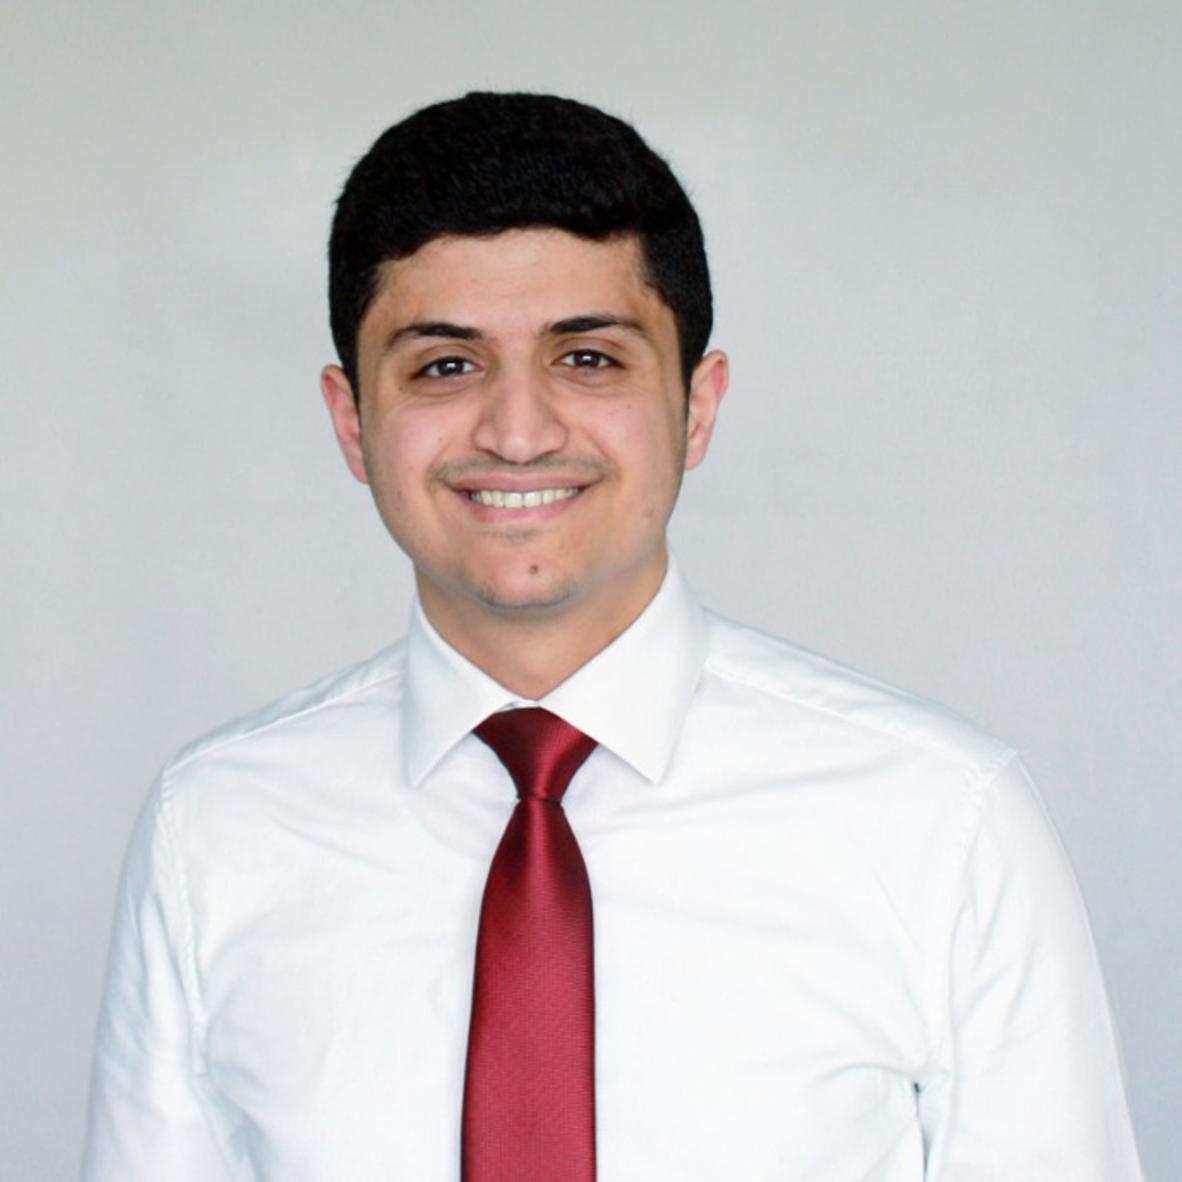 Sohaib Alhashimi